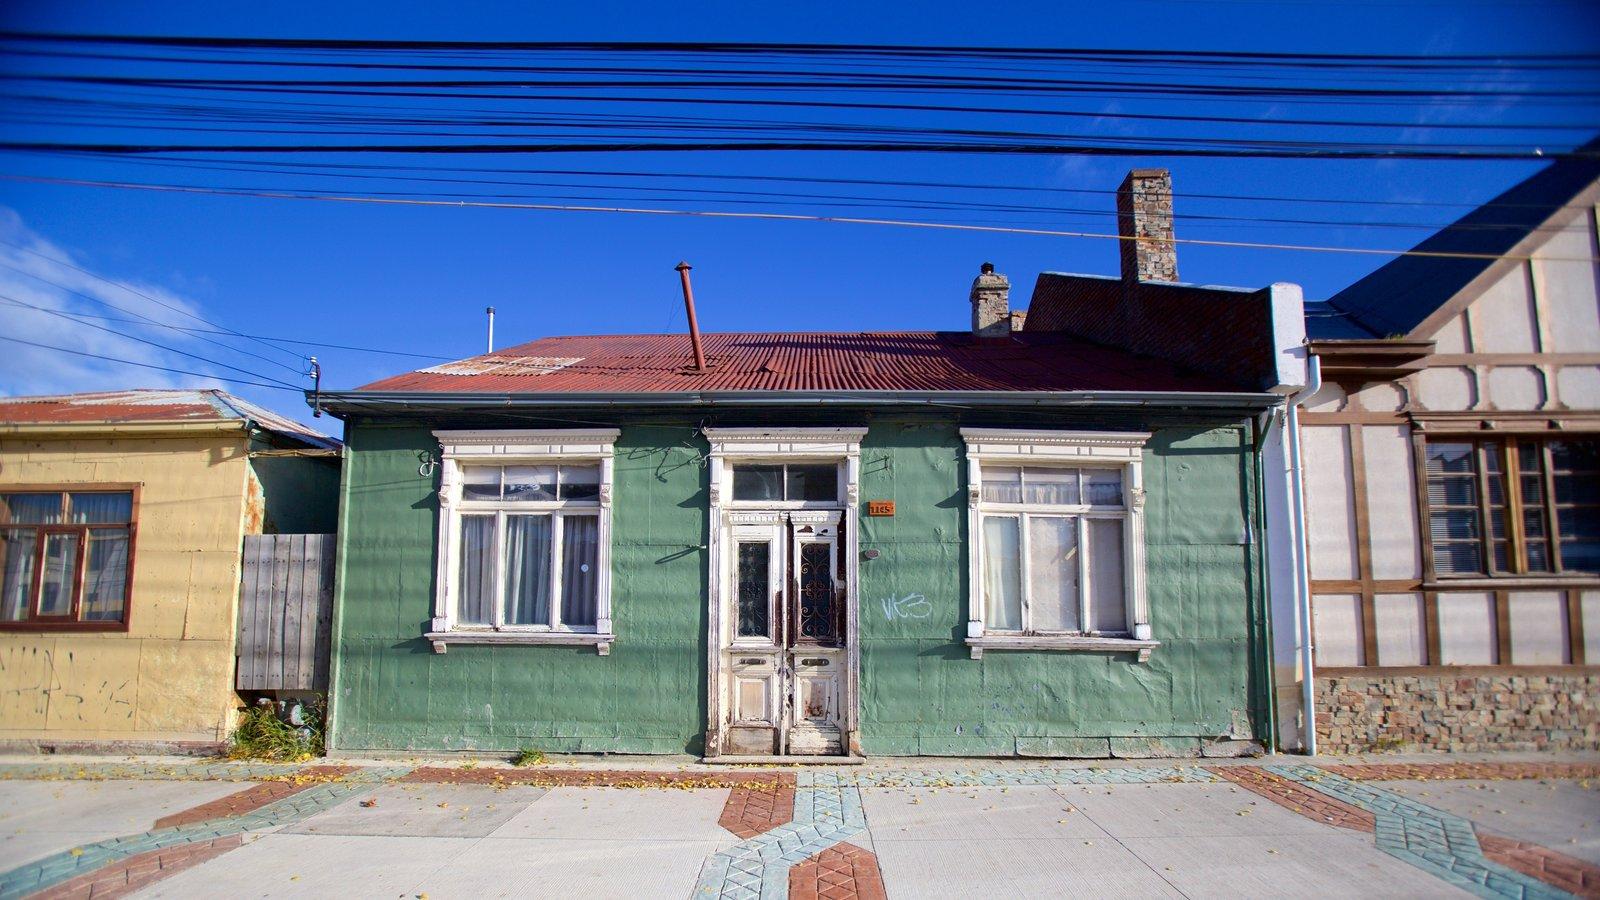 Punta Arenas mostrando elementos de patrimônio e uma casa